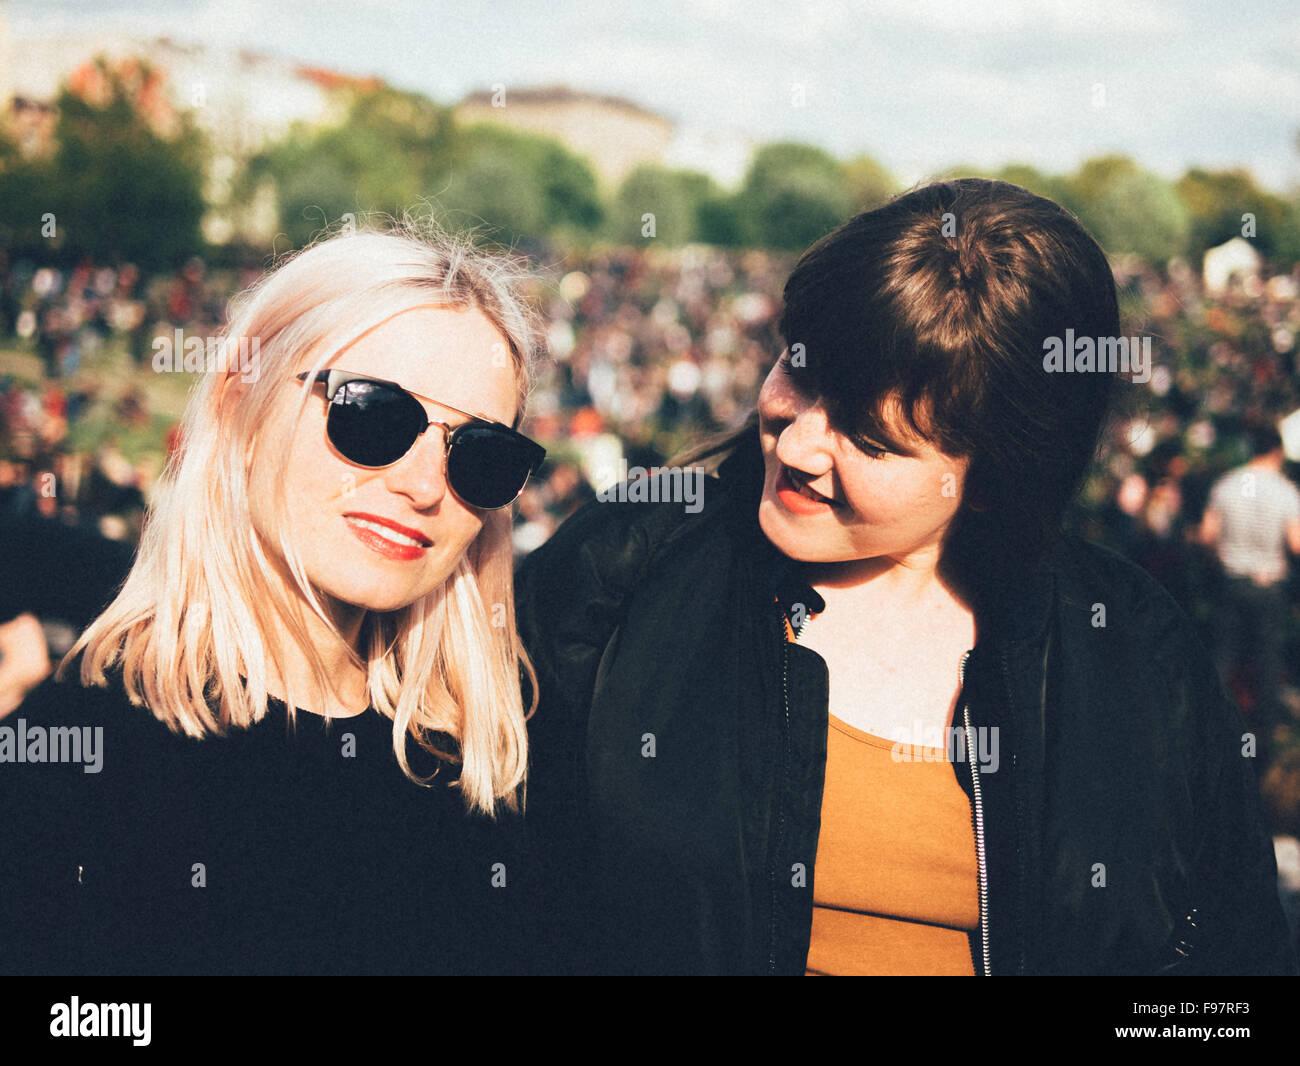 Ritratto di donna giovane e bellissima con un amico in posizione di parcheggio Immagini Stock